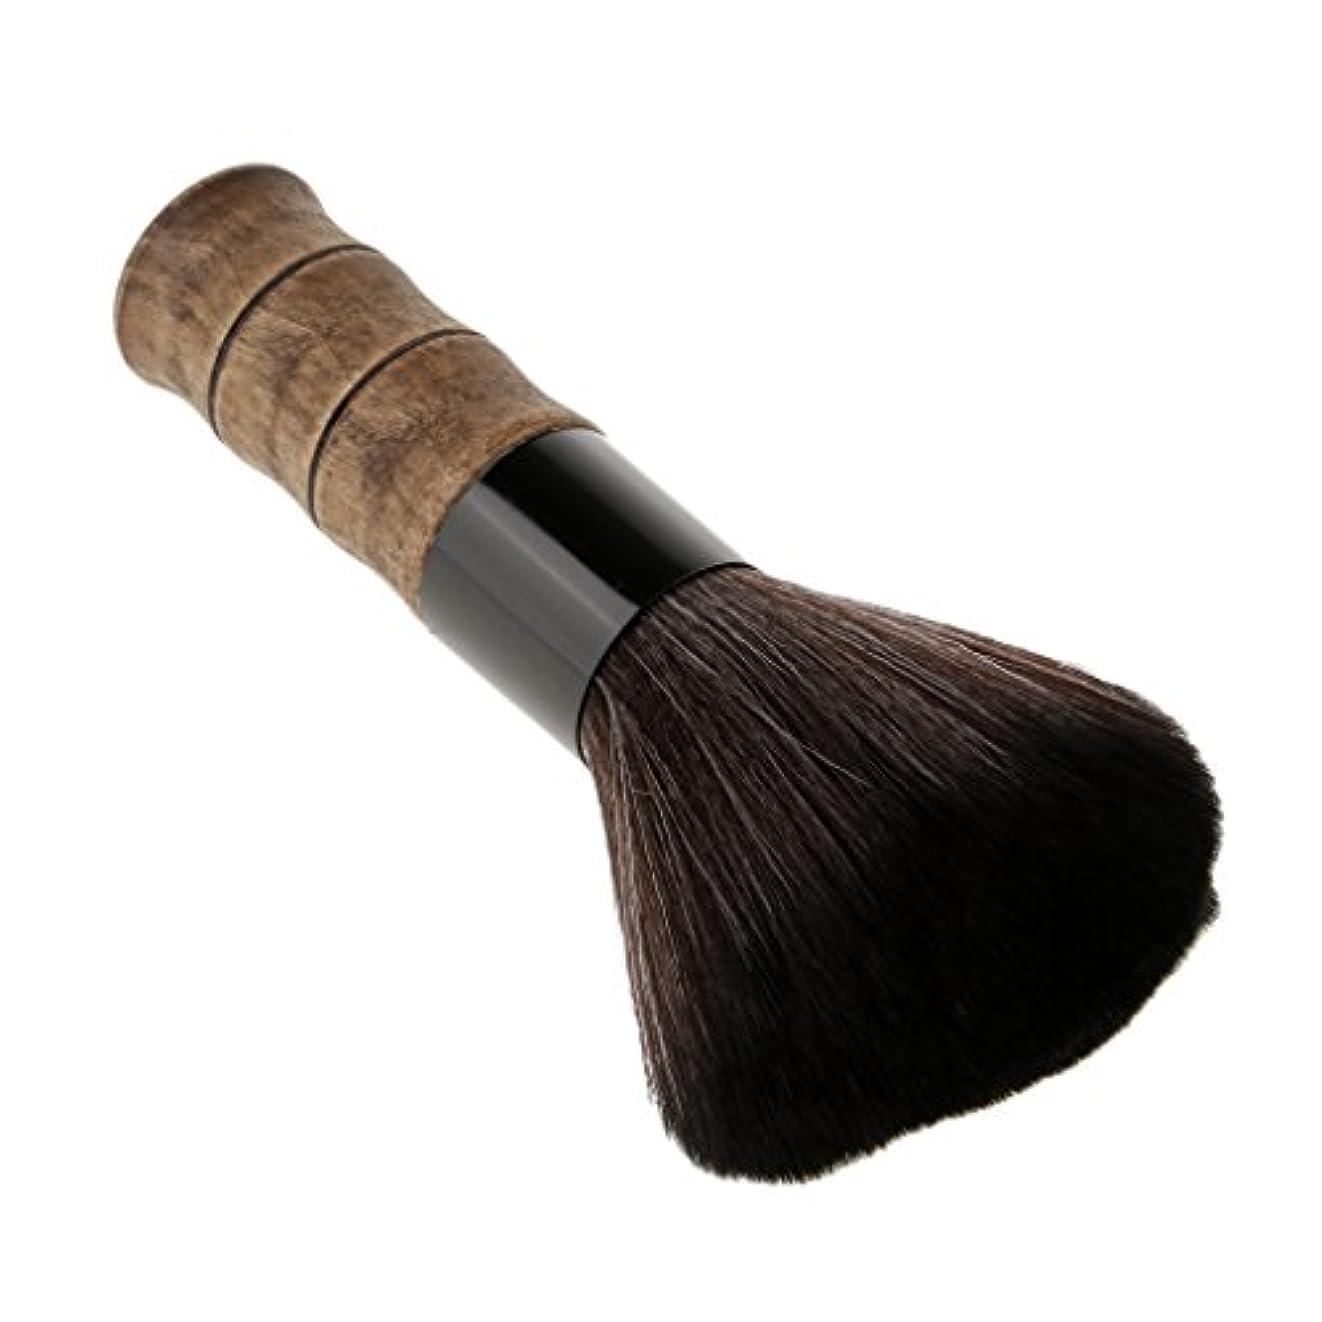 値個人的に絶対にソフトファイバー脱毛シェービングブラシブラッシュルーズパウダーメイクブラシ竹 - ブラック